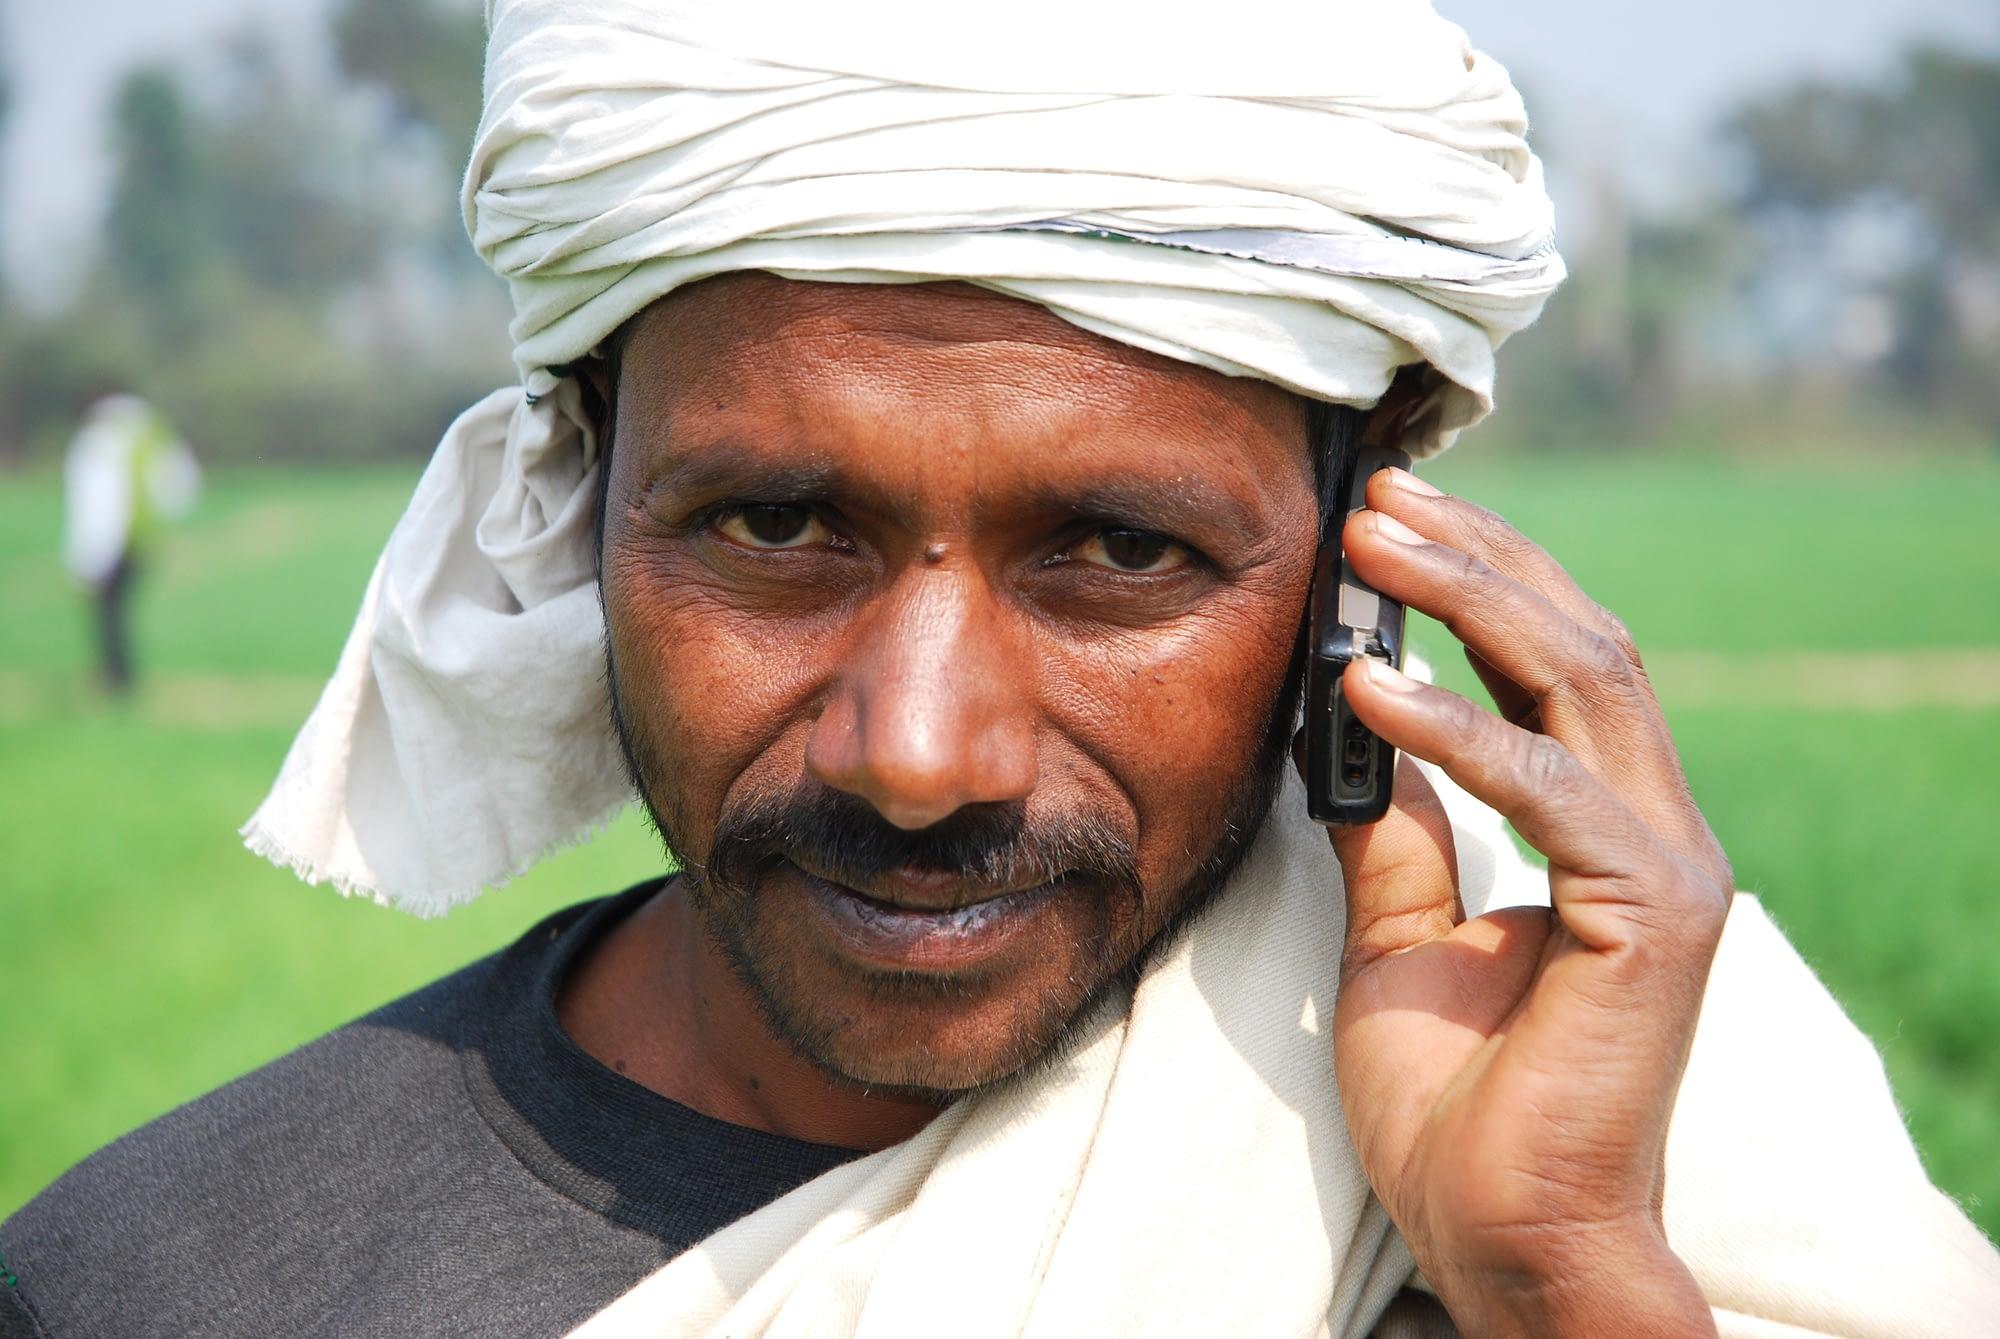 Farmer speaks on mobile phone in field.